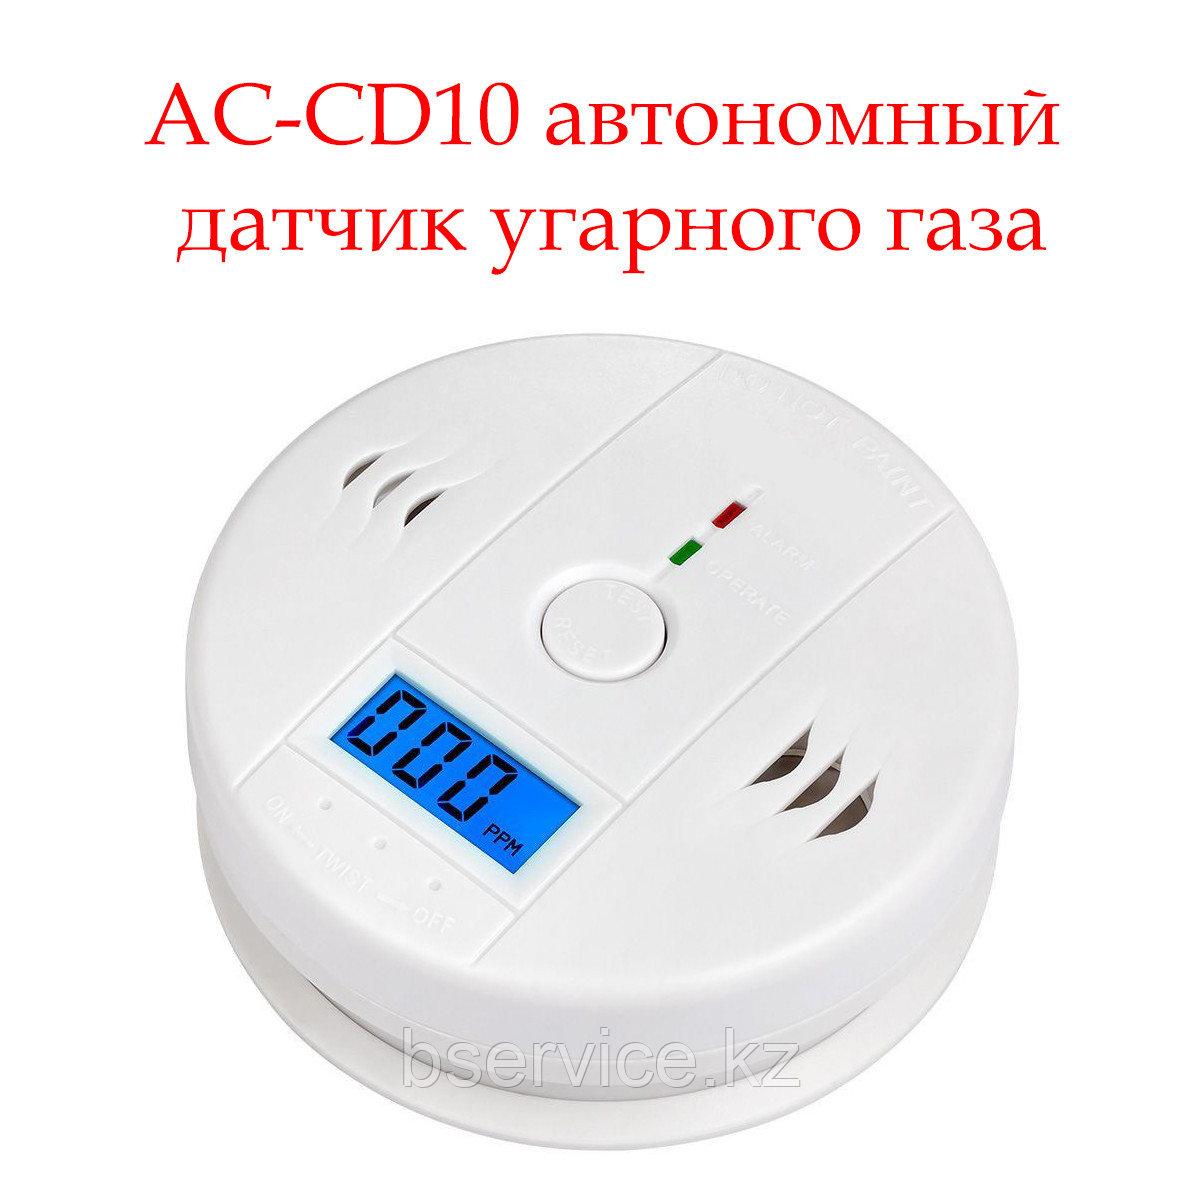 AC-CD10 автономный датчик угарного газа